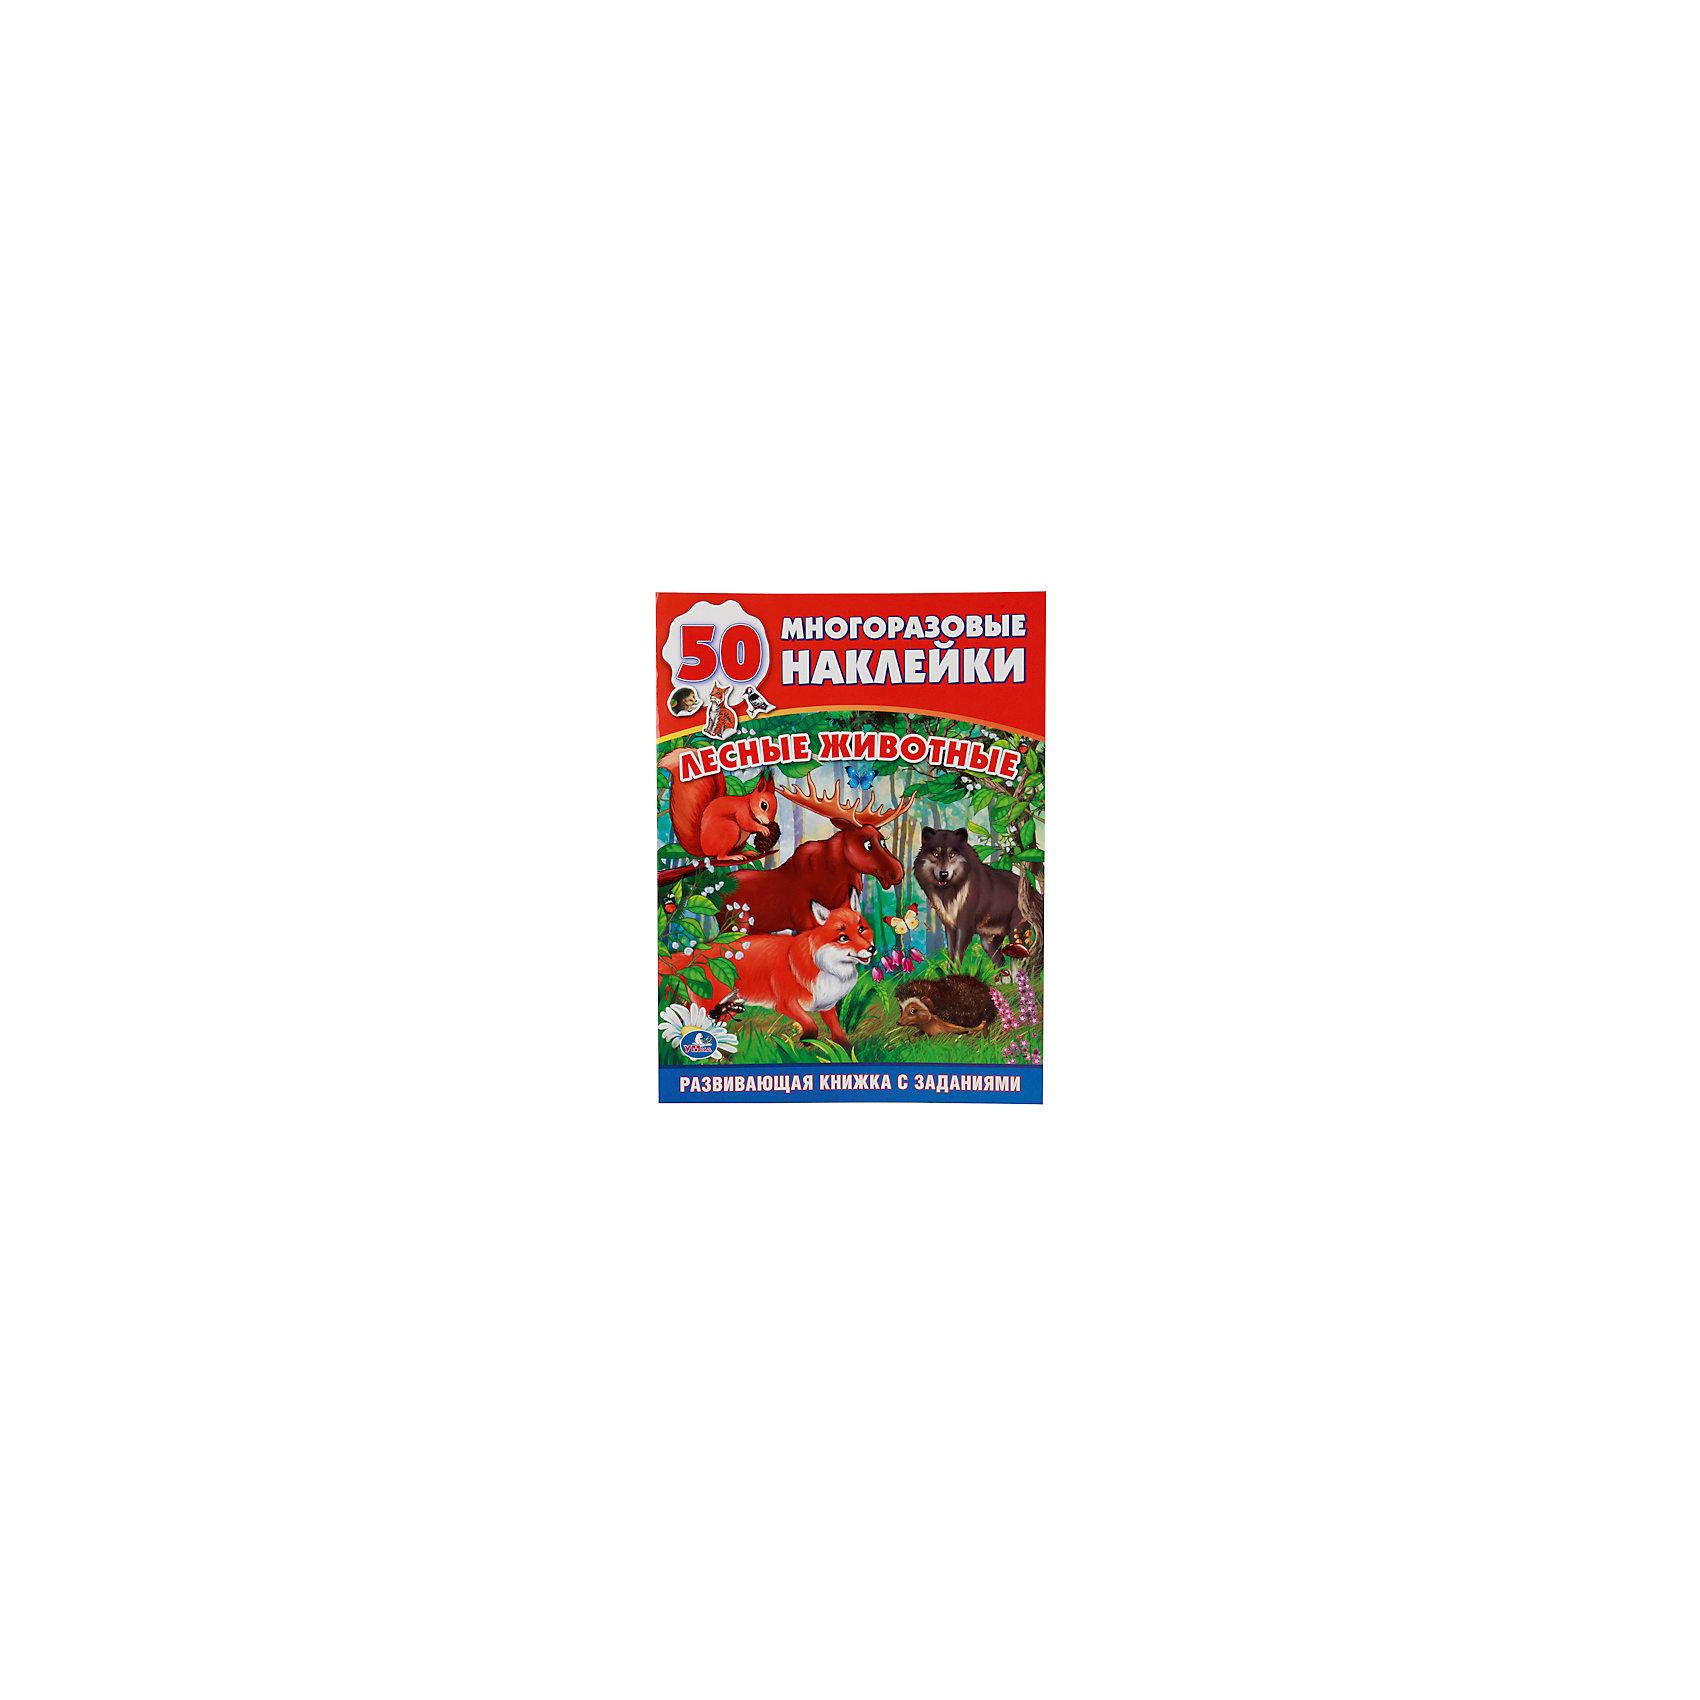 Обучающая книжка с наклейками Лесные животныеУмка<br>Обучающая книжка с наклейками Лесные животные – эта книжка в игровой форме познакомит ребенка с лесными животными.<br>На страницах ярко иллюстрированной книжки Лесные животные малышей ждут не только красивые картинки, но и увлекательные задания. Проходя их, ребенок познакомиться с лесными животными. В книжке имеется 50 многоразовых наклеек. Их можно вклеивать на специальные места на страничках, а потом перемещать. Кроме того, наклейками можно будет украсить личные вещи и принадлежности по своему вкусу.<br><br>Дополнительная информация:<br><br>- Редактор-составитель: Козырь А.<br>- Тип обложки: мягкая<br>- Количество наклеек: 50<br>- Количество страниц: 16<br>- Иллюстрации: цветные<br>- Размер: 220x290x3 мм.<br>- Вес: 80 гр.<br><br>Обучающую книжку с наклейками Лесные животные можно купить в нашем интернет-магазине.<br><br>Ширина мм: 220<br>Глубина мм: 290<br>Высота мм: 3<br>Вес г: 80<br>Возраст от месяцев: 36<br>Возраст до месяцев: 72<br>Пол: Унисекс<br>Возраст: Детский<br>SKU: 4284077